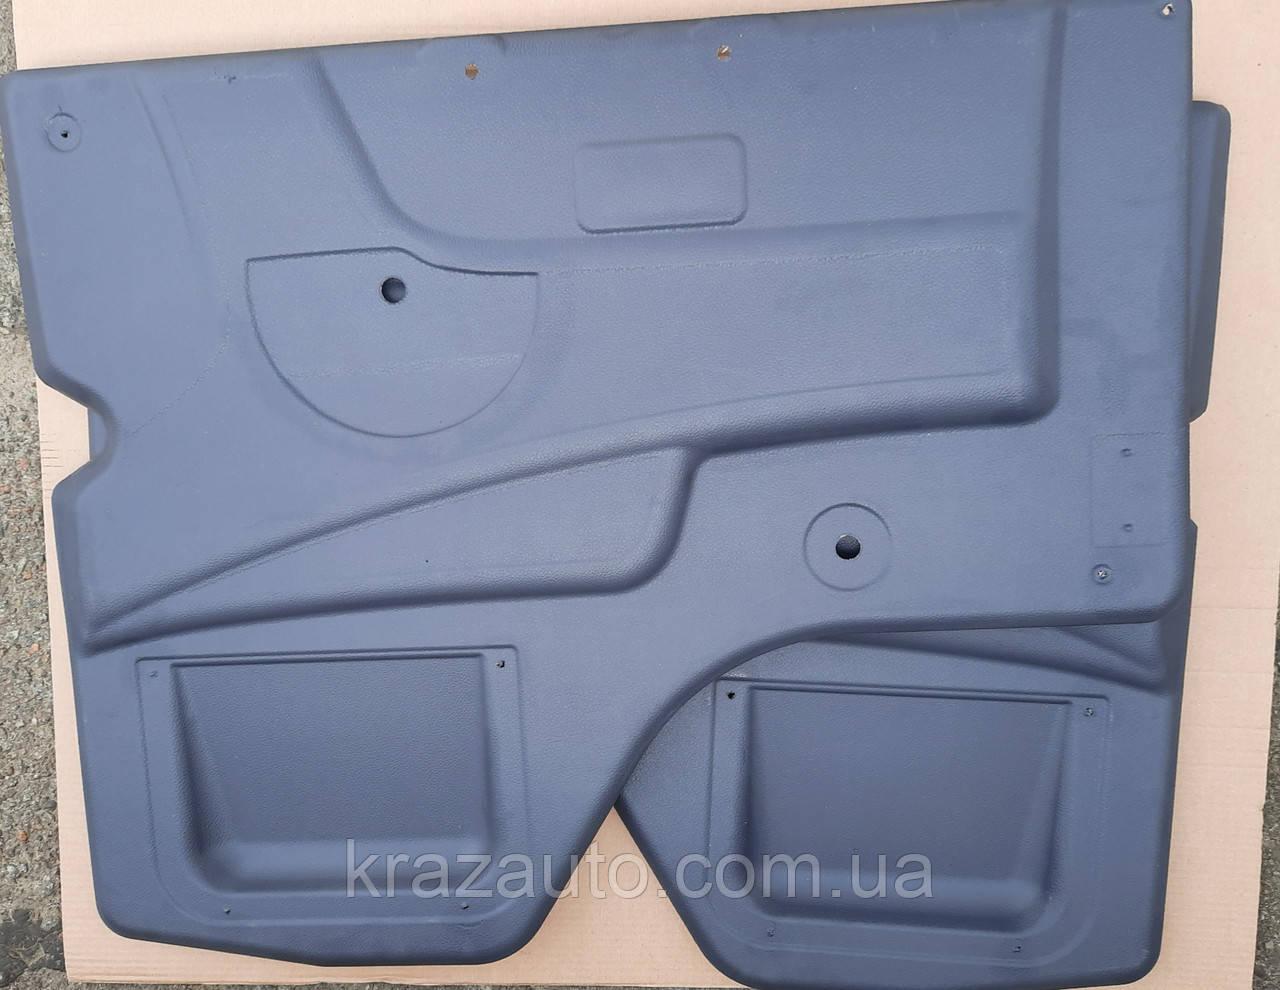 Обшивка дверей КАМАЗ-ЄВРО ліва+права КАМАЗ 54105-6101055/54